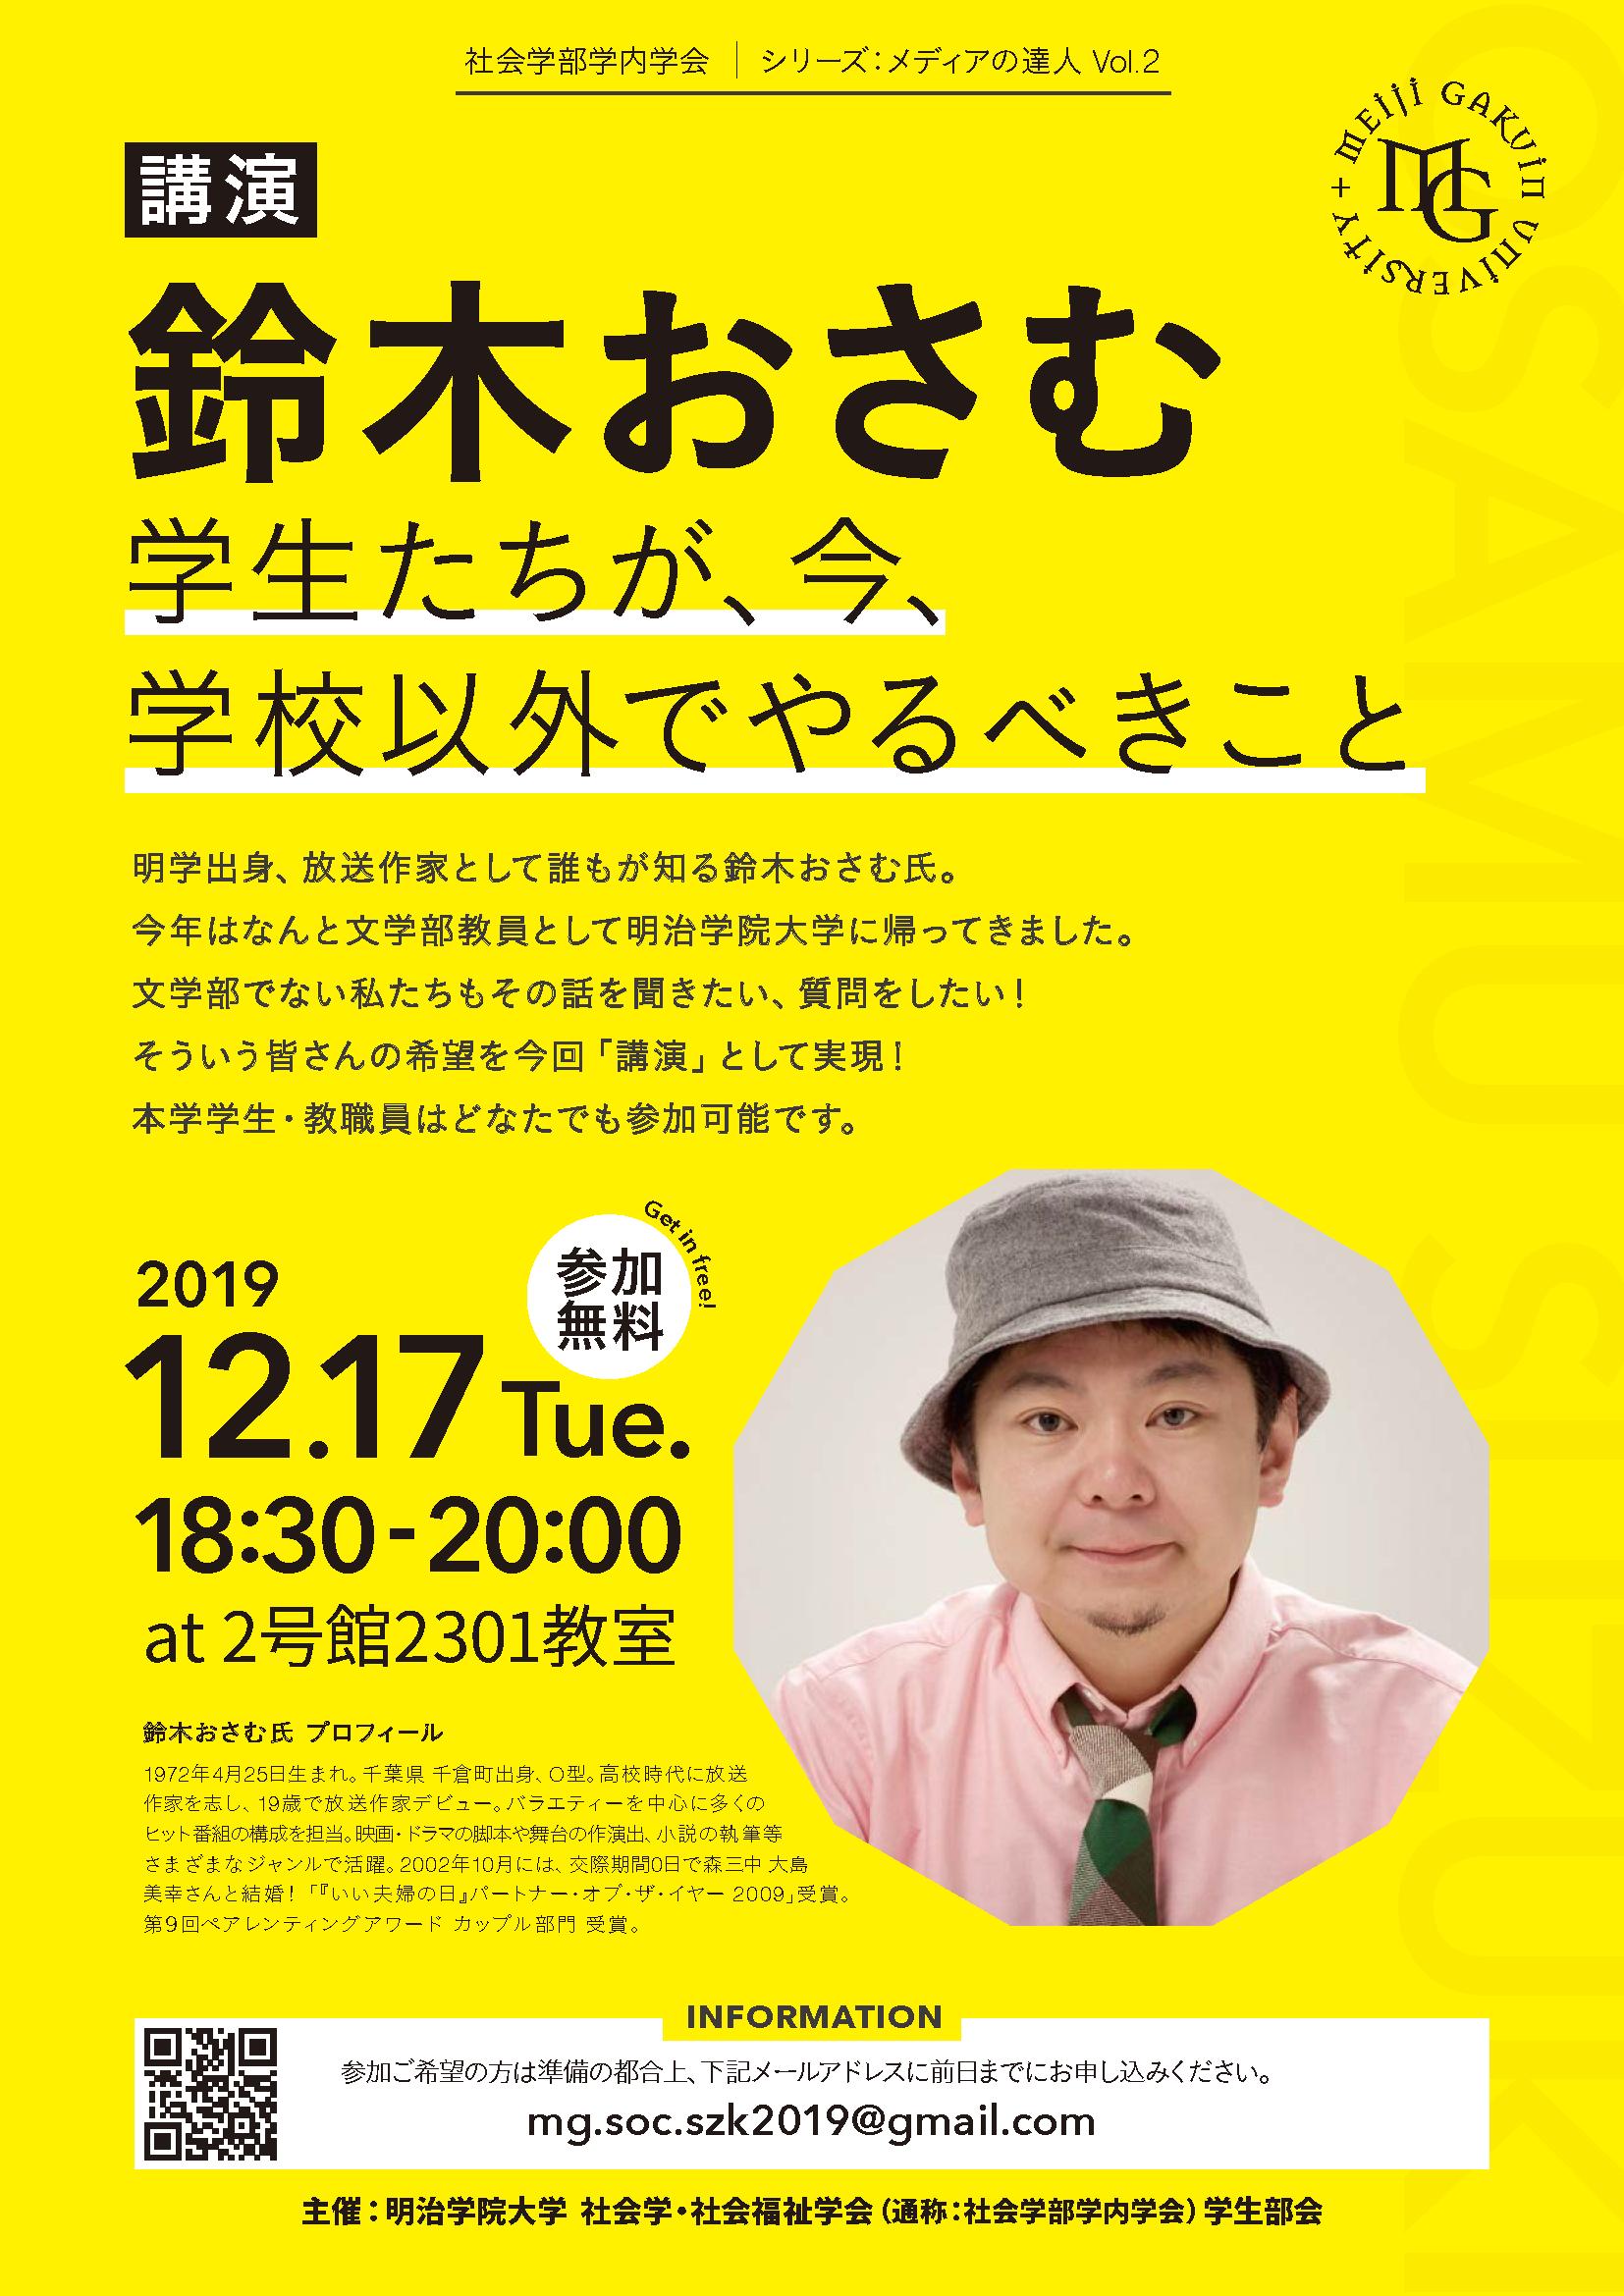 SuzukiOsamu_MGS_A4_1124.png